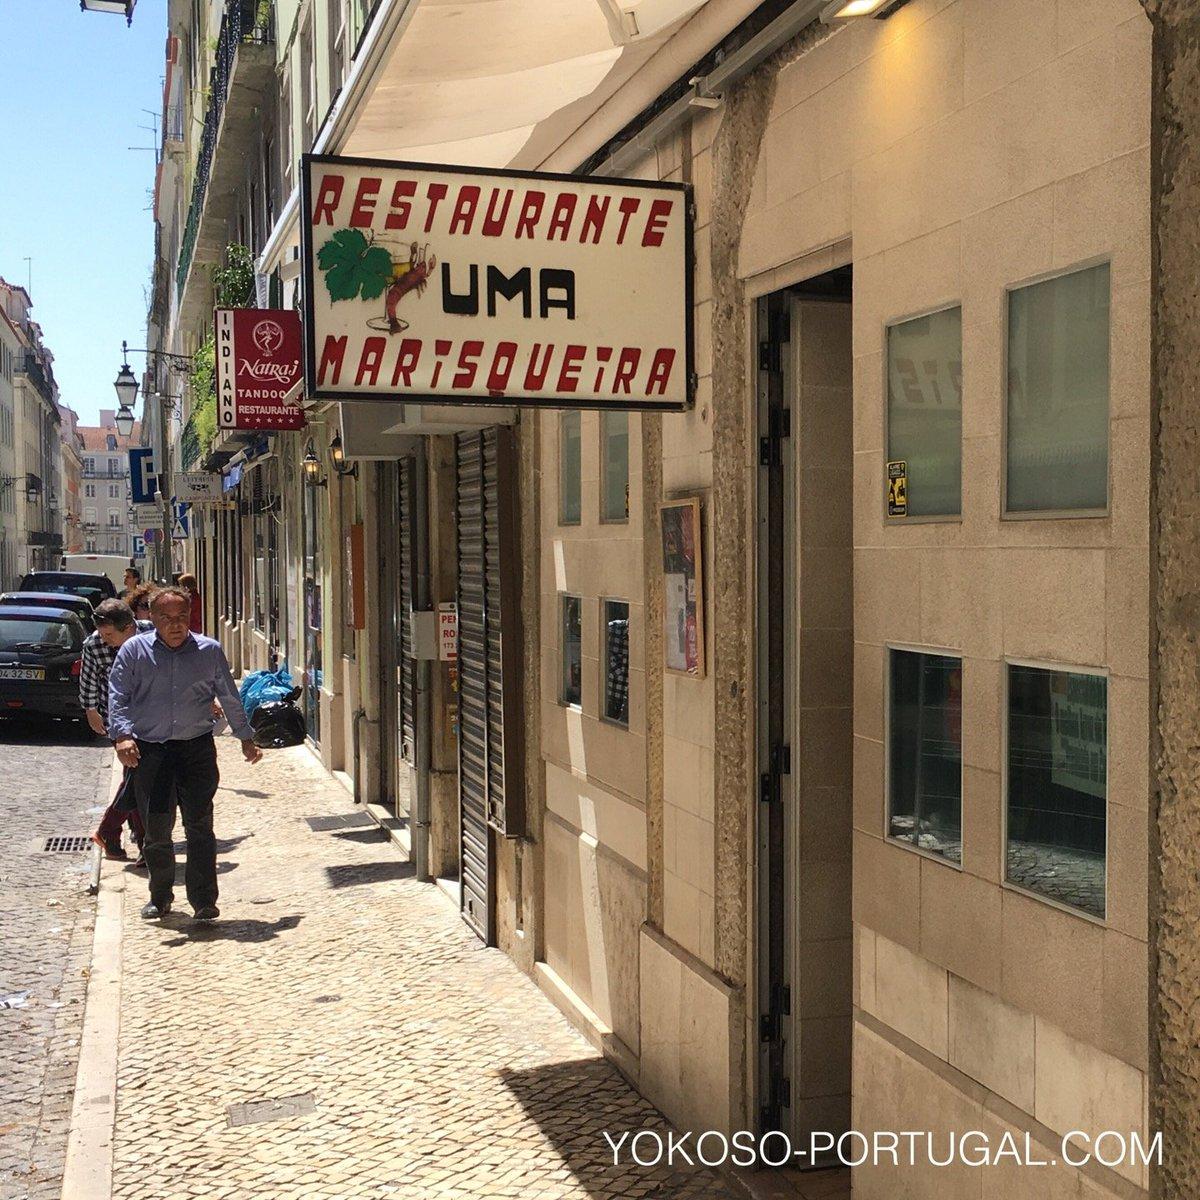 test ツイッターメディア - リスボン、バイシャ地区にあるシーフードリゾットで有名なレストラン。 (@ Uma Marisqueira in Lisbon) https://t.co/coq2aGPF2m https://t.co/jvSJxE6eTK